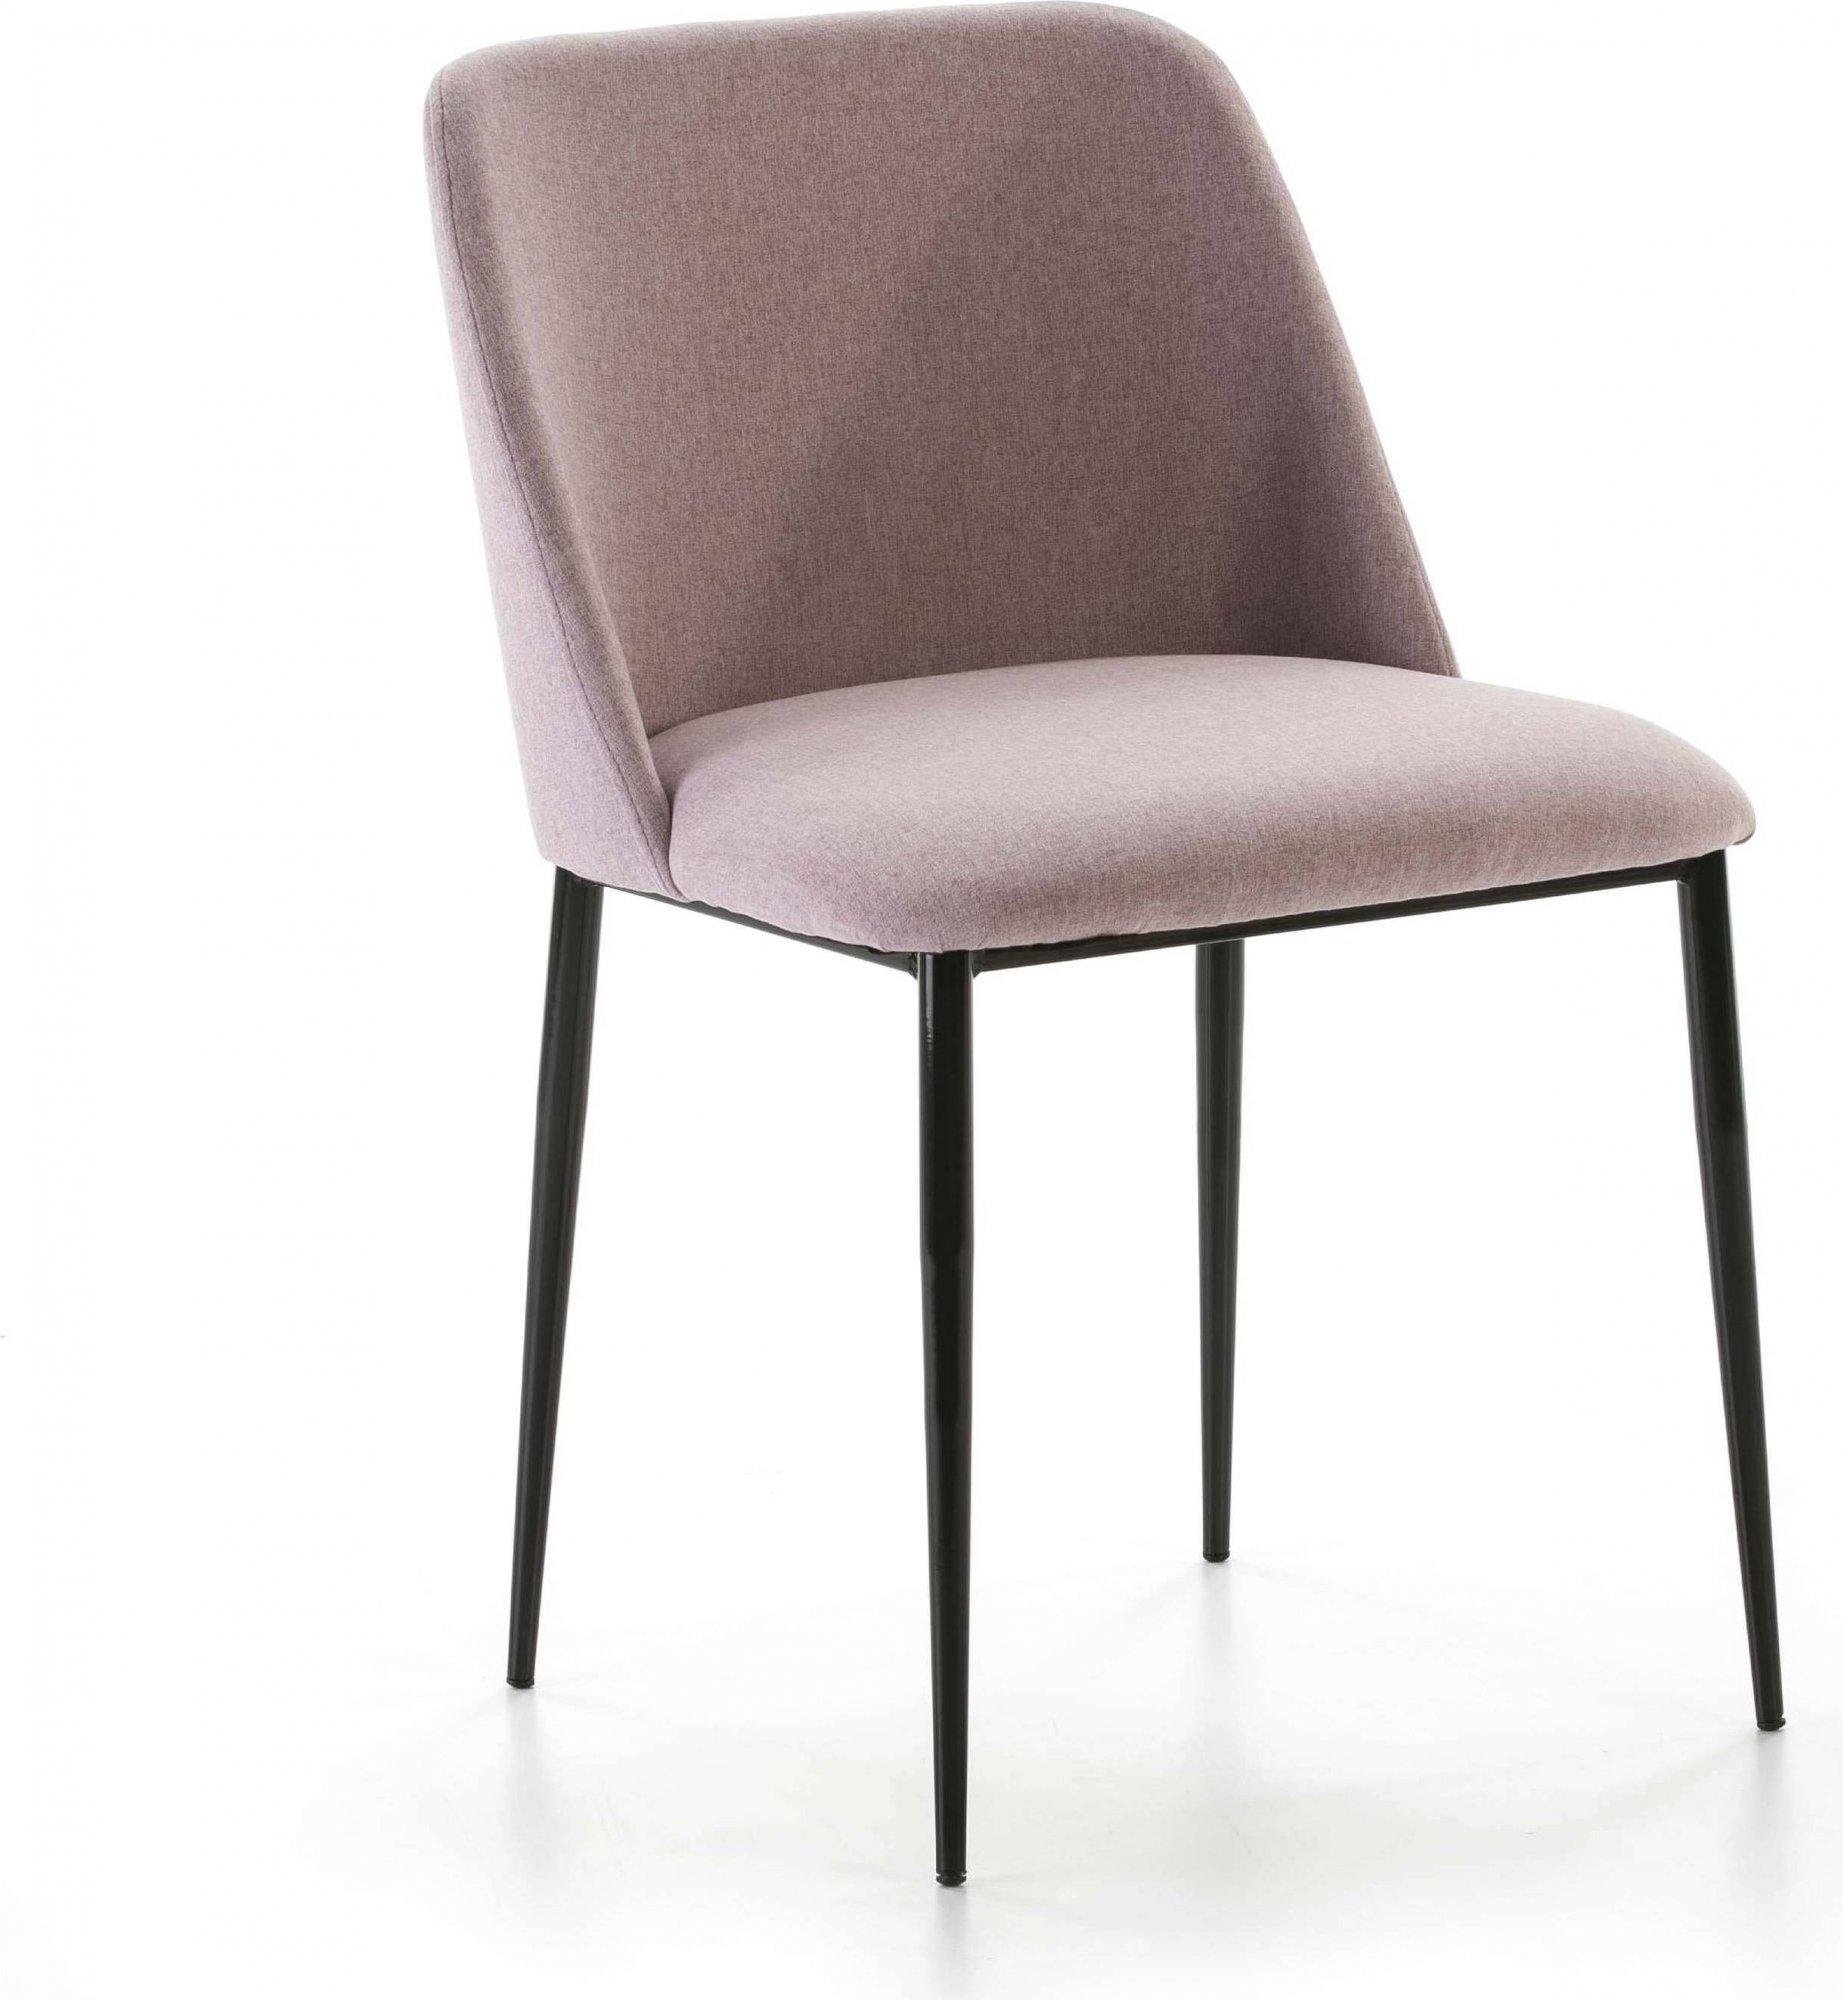 Chaise design rembourrée assise rose pale